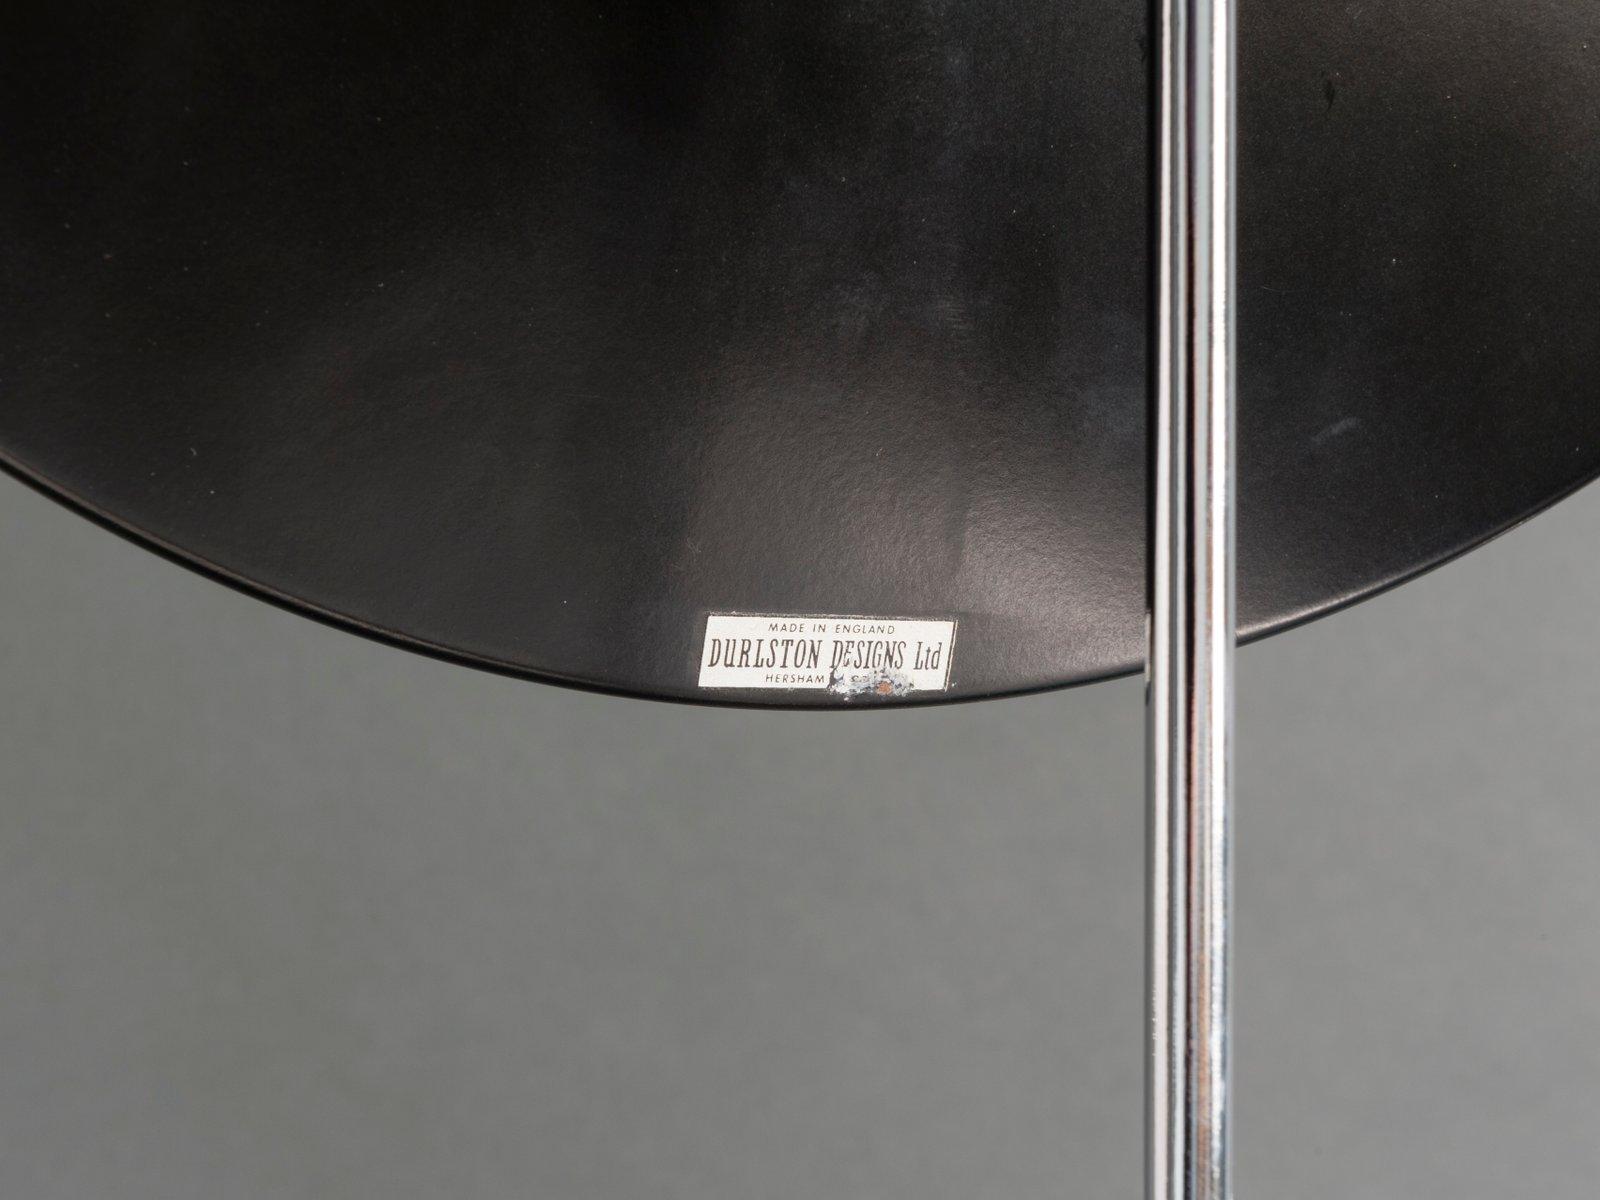 Grand miroir avec tr pied noir et chrome de durlston for Grand miroir solde